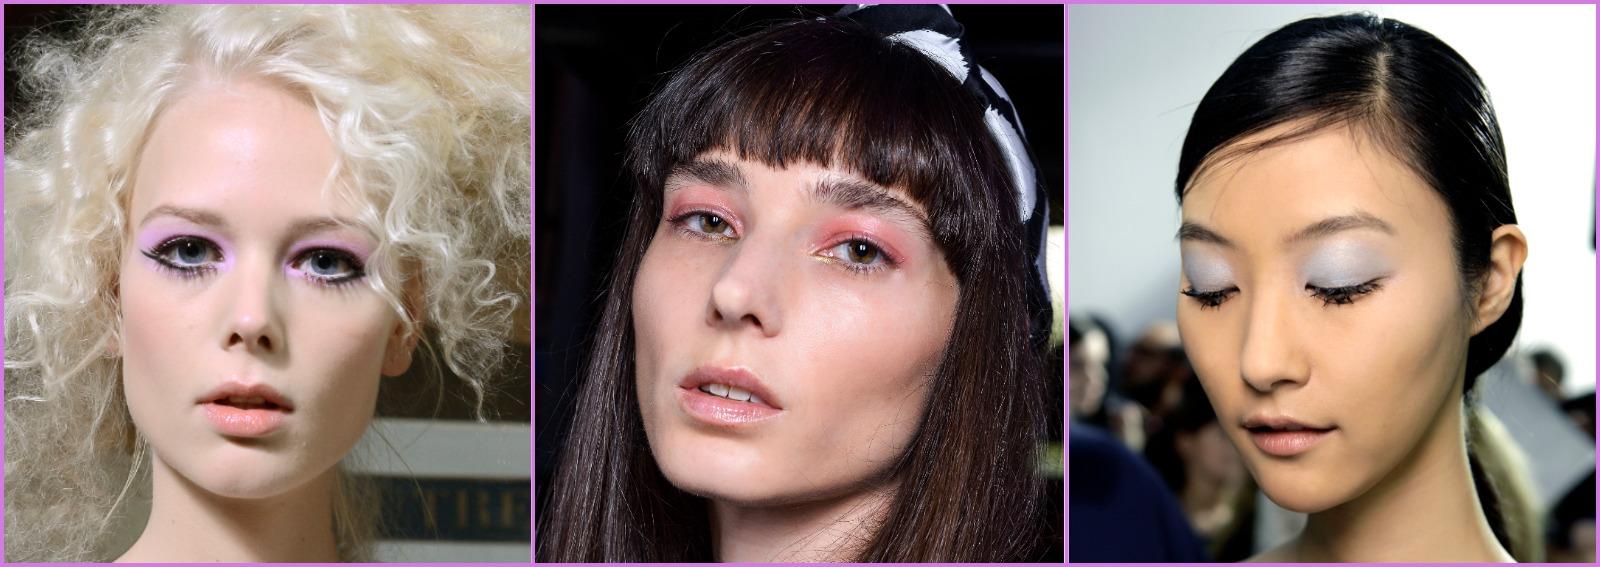 ombretto-pastello-2020-tendenza-make-up-cover desktop